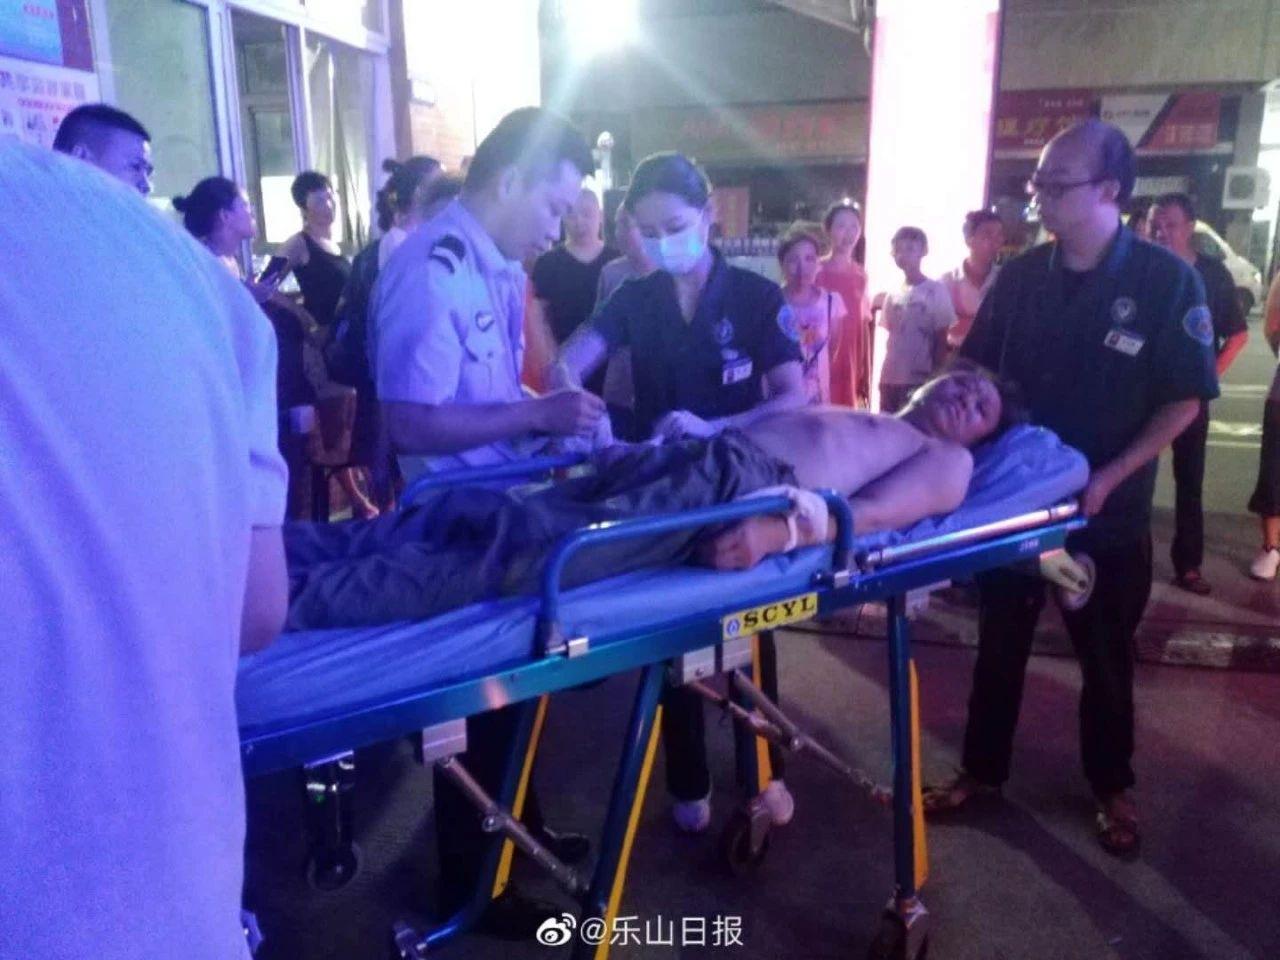 乐山一小区出现陌生人,70岁大爷上前盘问反被打,受伤进医院!